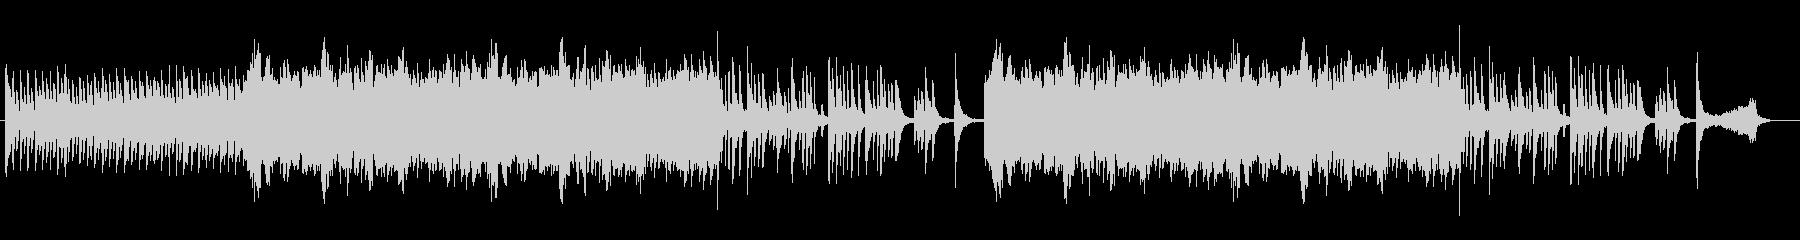 フルートの旋律が印象的な劇音楽向けの曲の未再生の波形